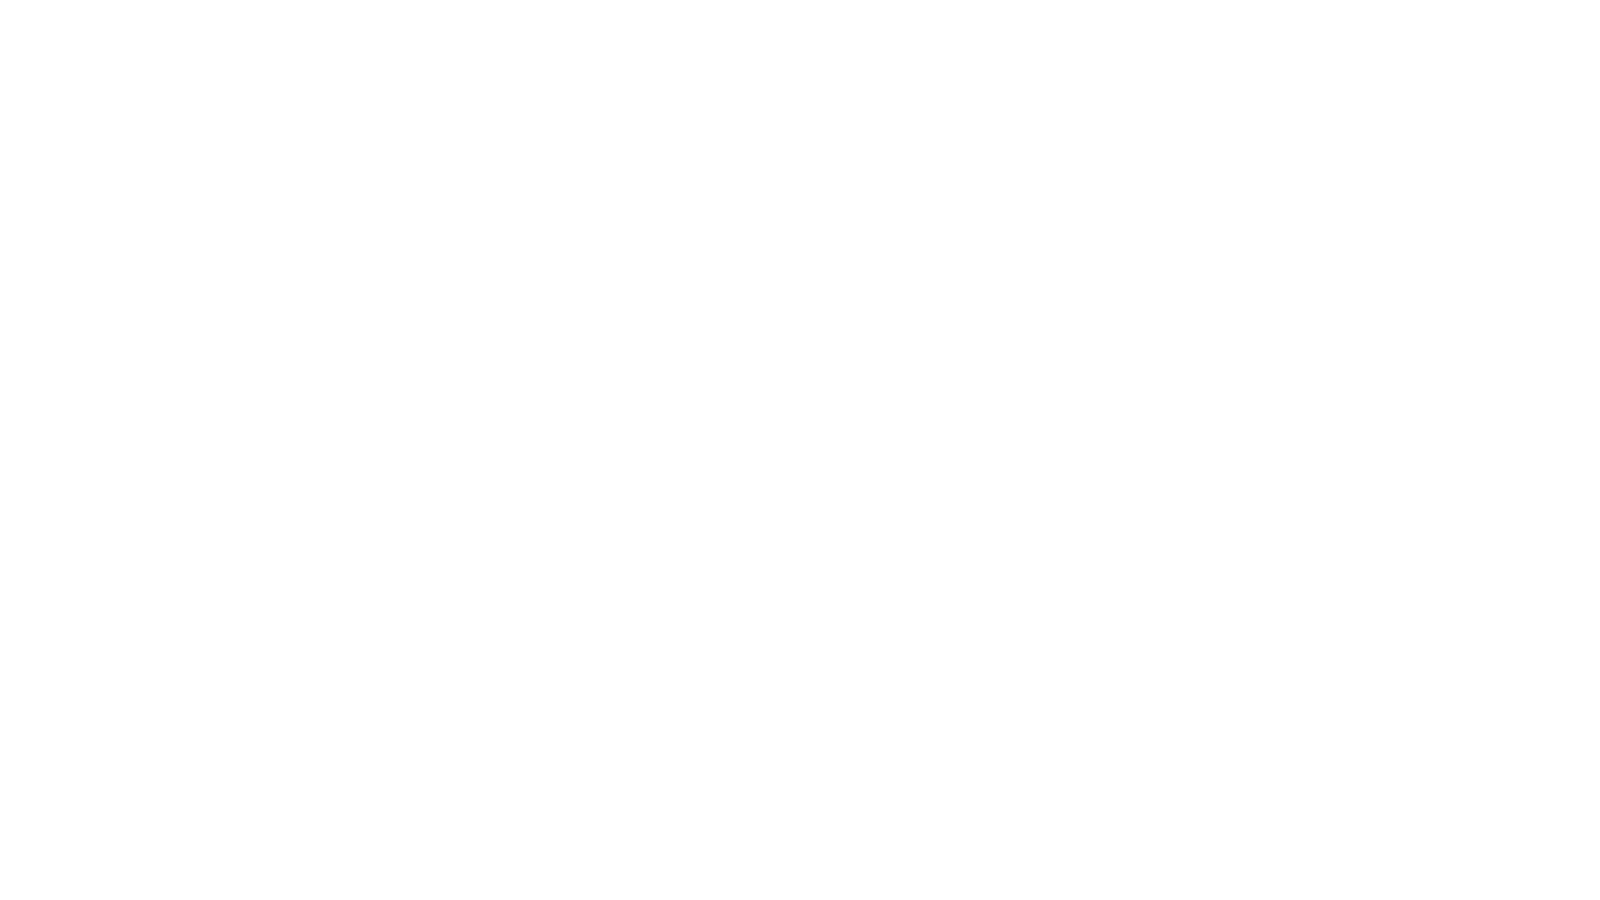 Evento con la partecipazione dello storico dell'arte Vincenzo De Luca, Rosa Grano dirigente del Ministero dell'Istruzione, Luca Cipriano presidente del Conservatorio di musica di Avellino e sindaci del comune di Solofra, Montoro e Serino.